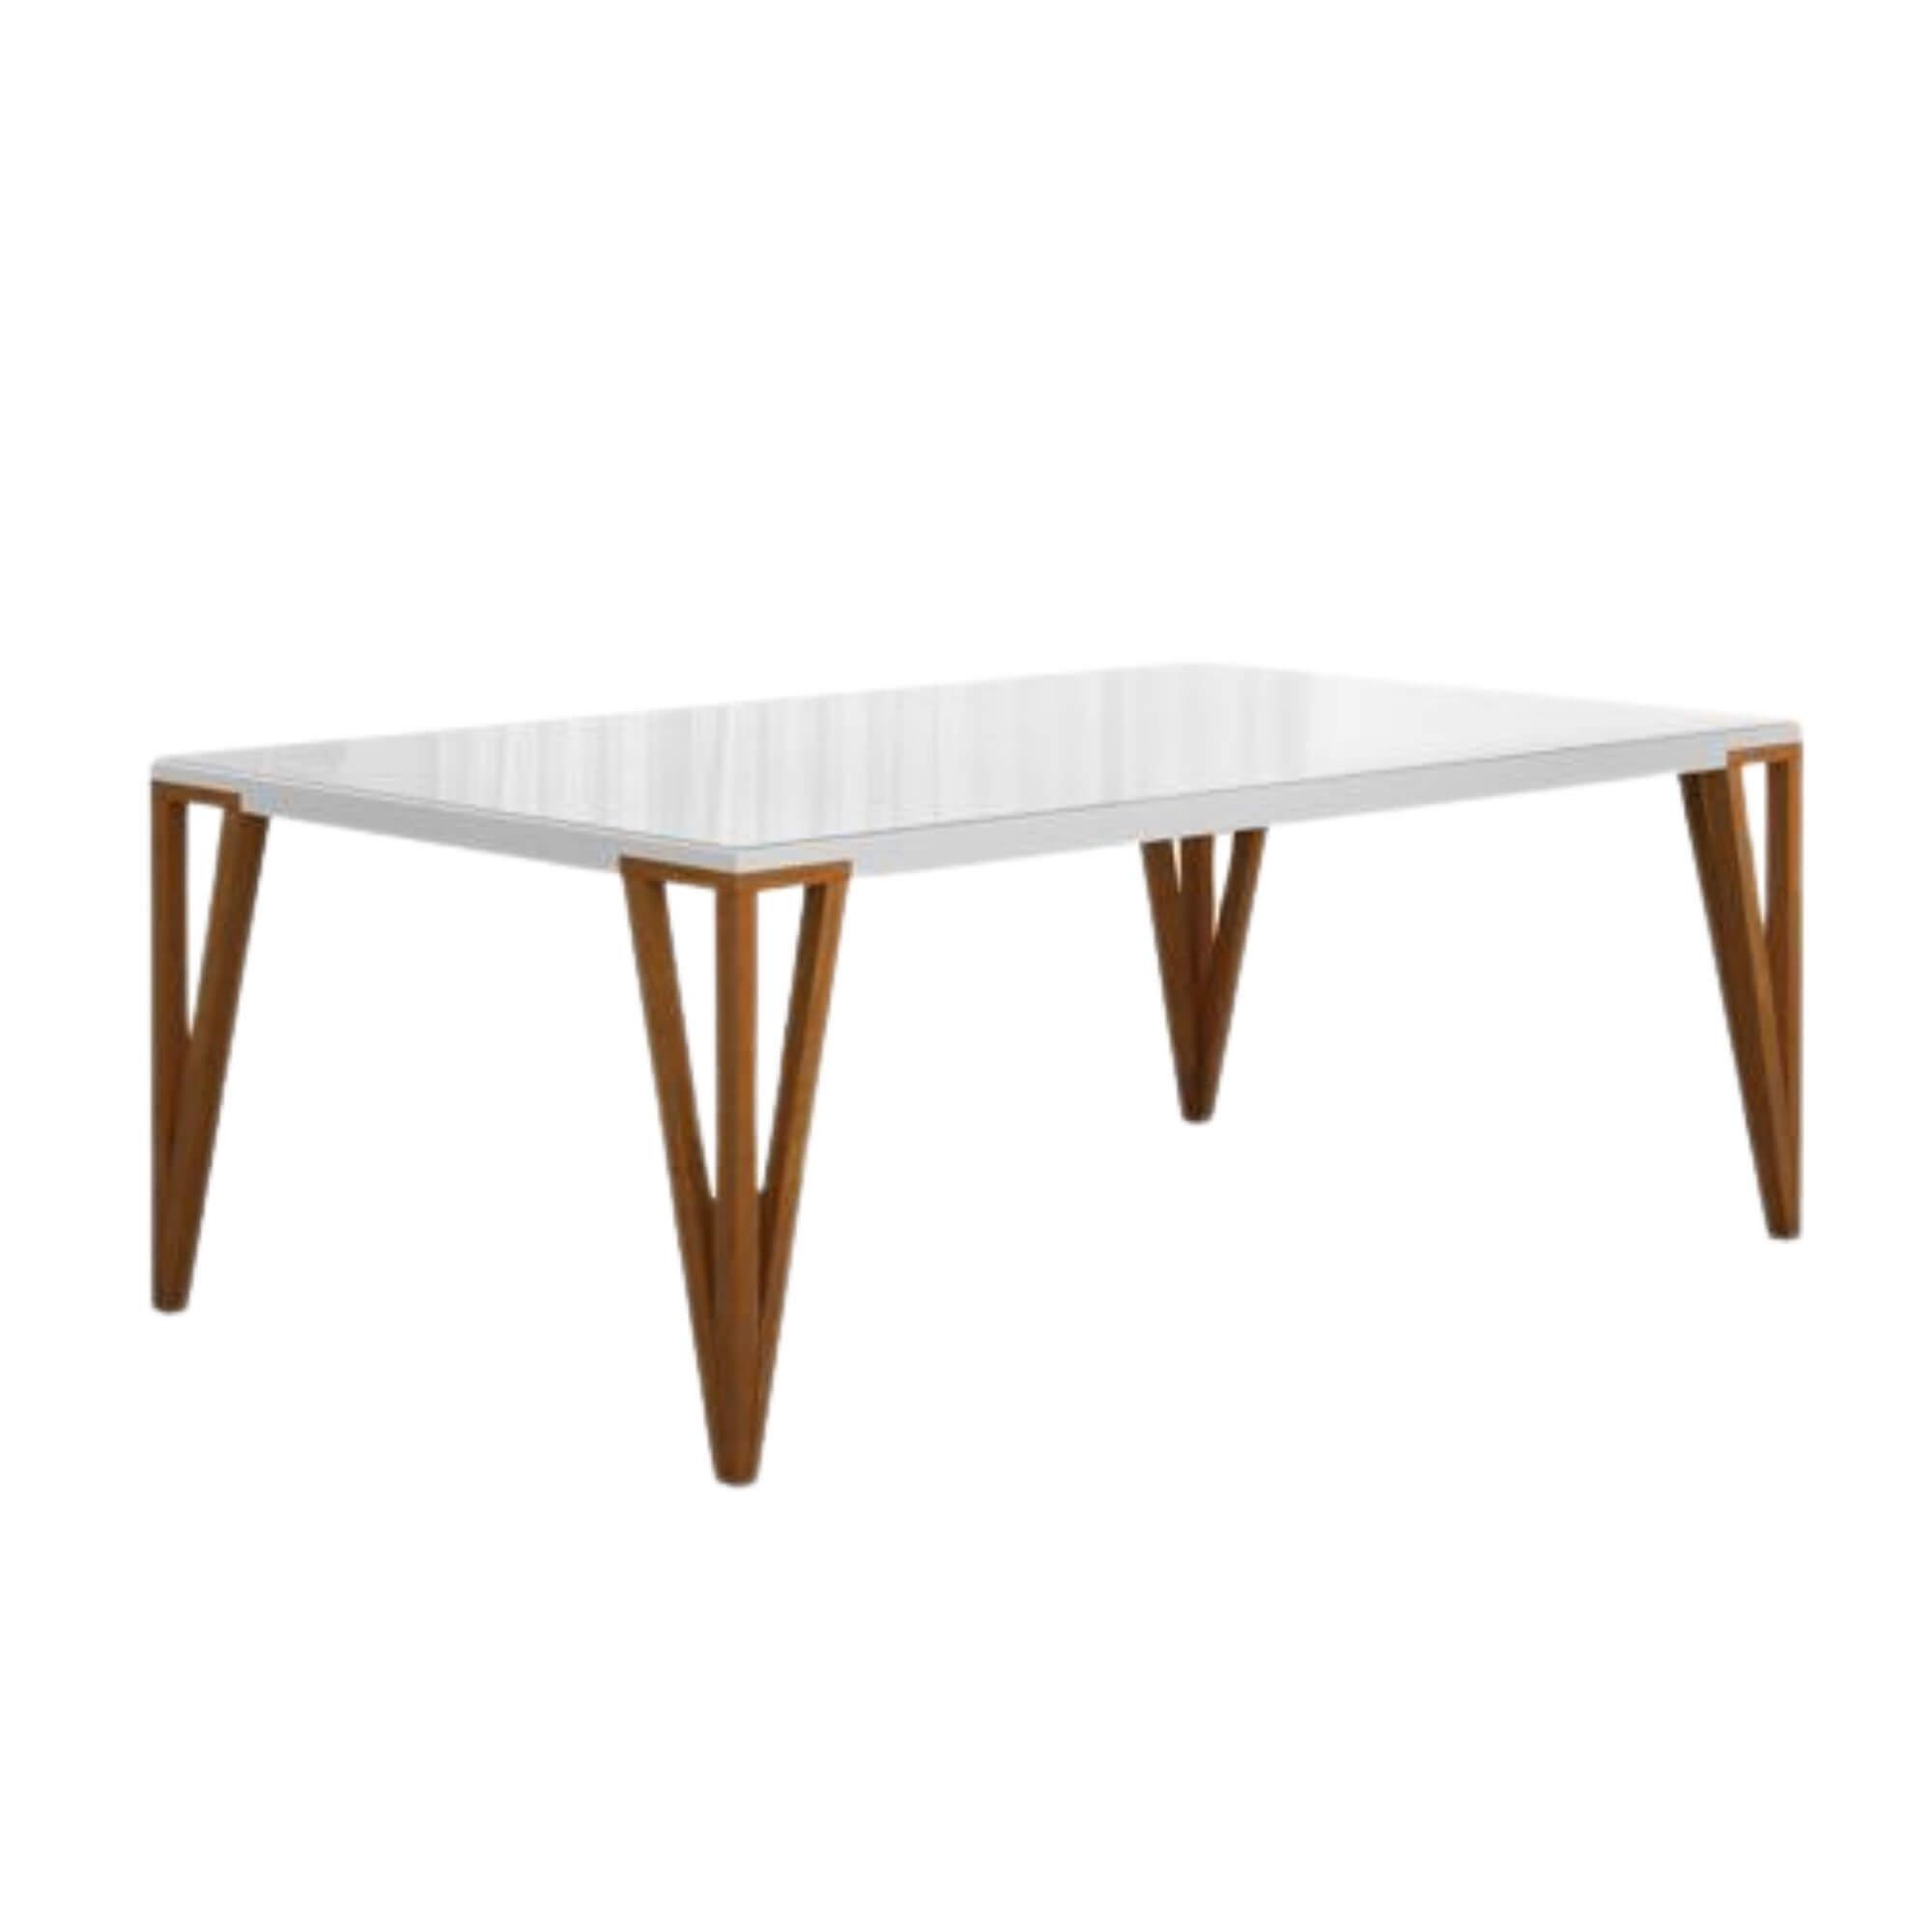 Mesa de Jantar 6 Lugares Oriente 180 cm x 90 cm